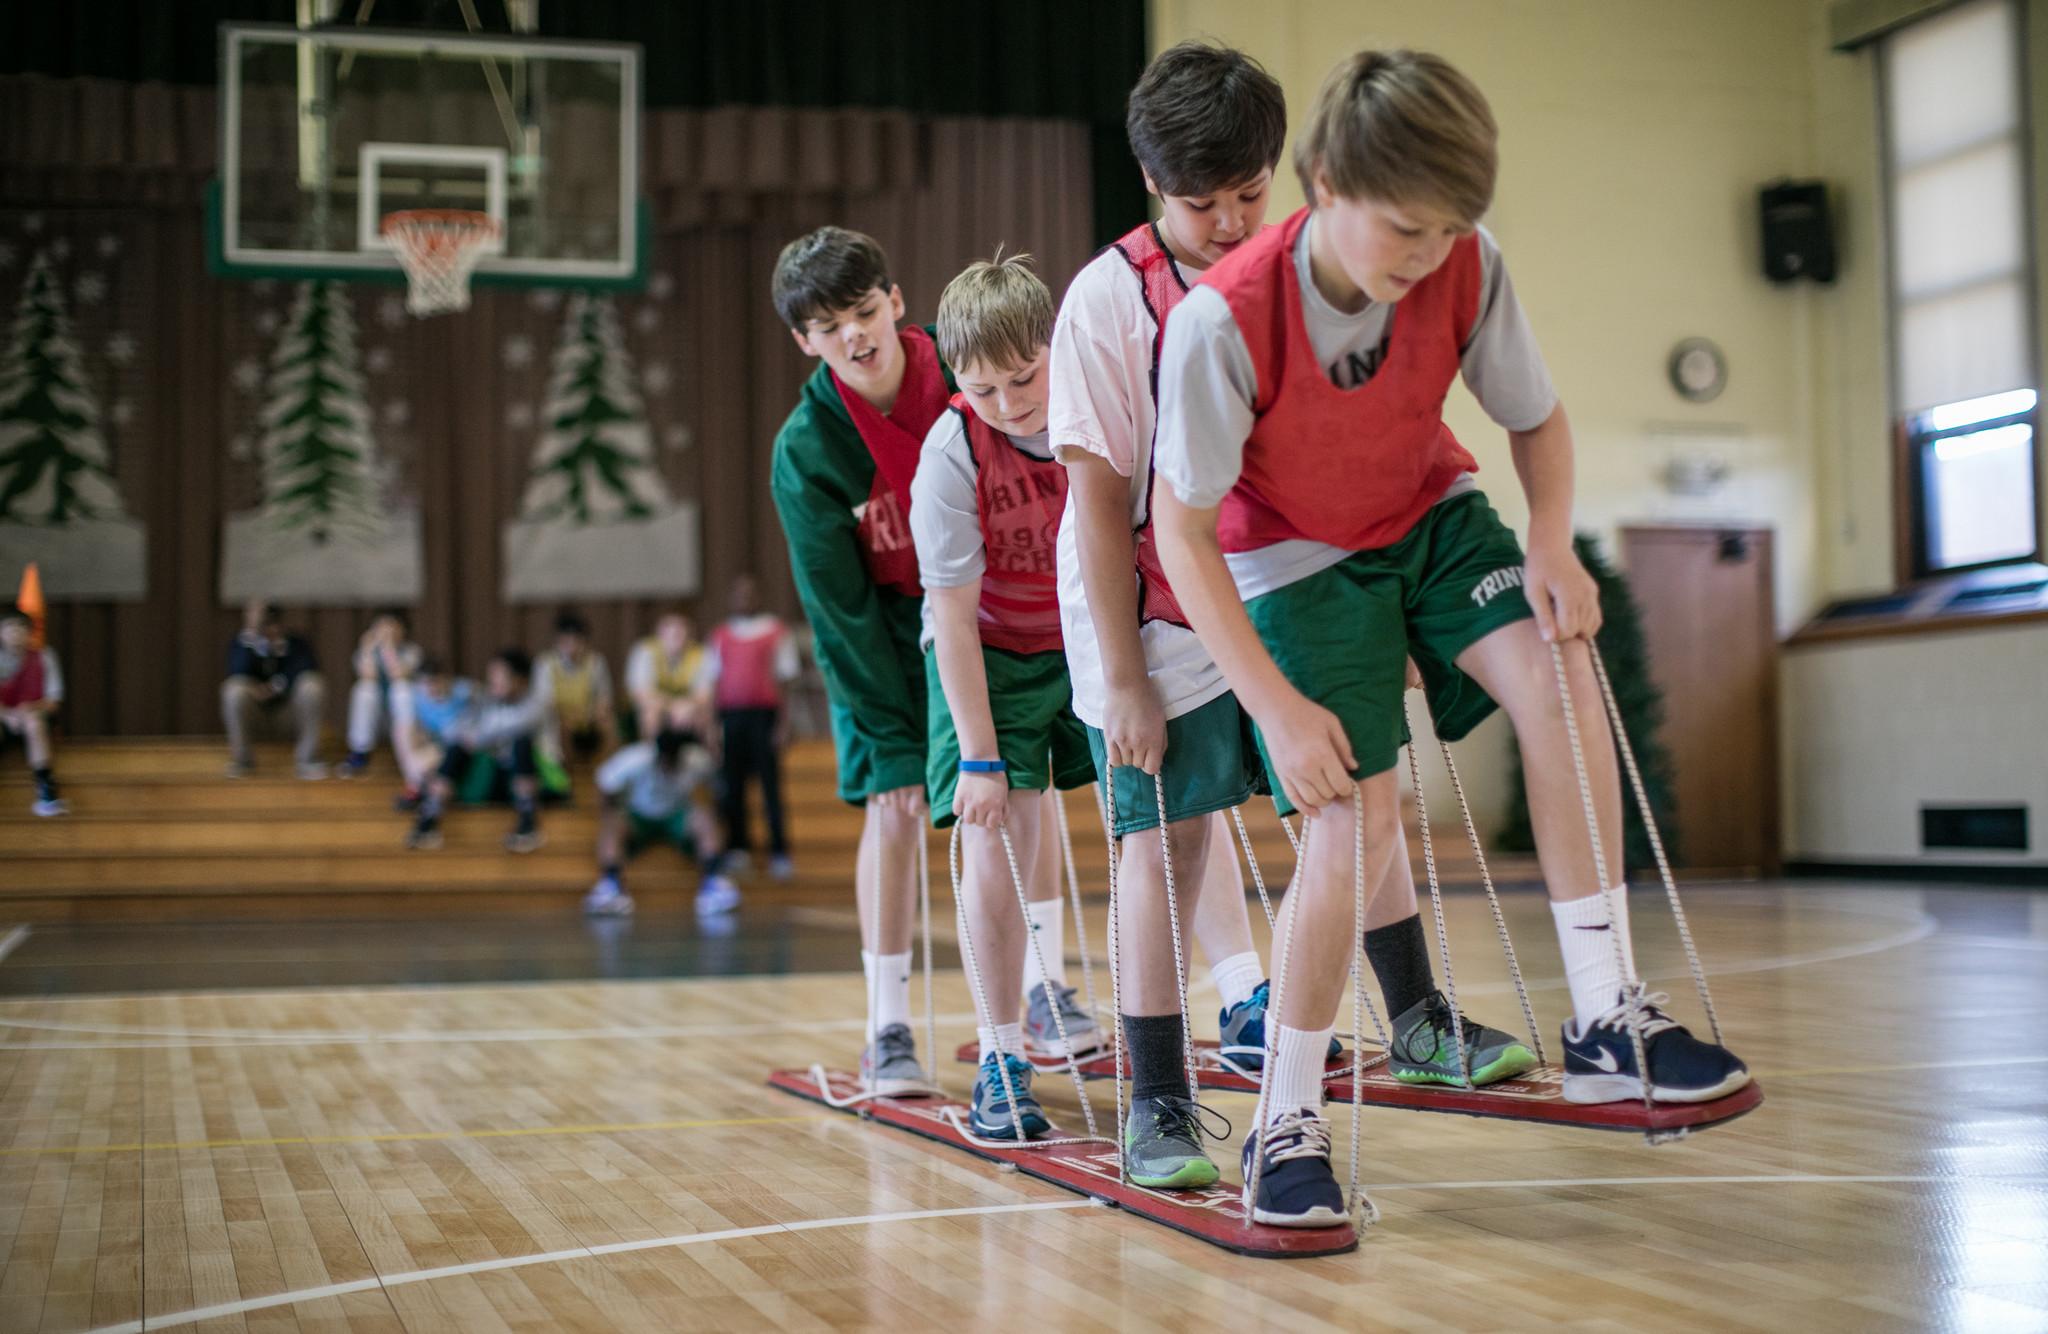 howard county teachers reimagine gym class howard county times